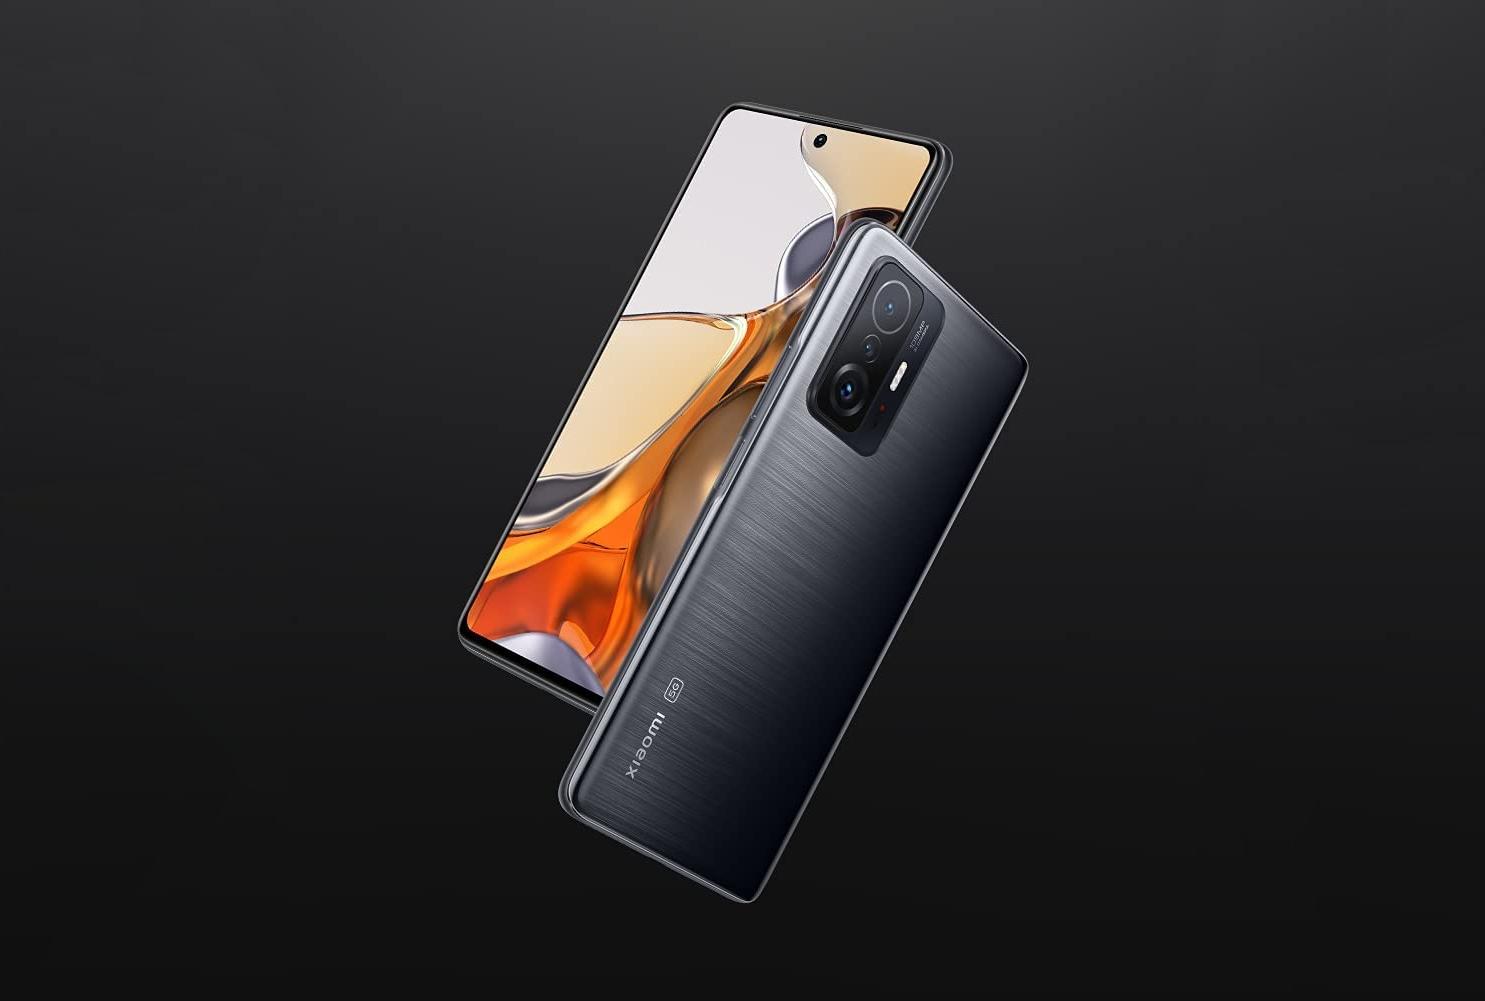 Redmi K40s станет не полной копией Xiaomi 11T, смартфон получит быструю зарядку на 120 Вт